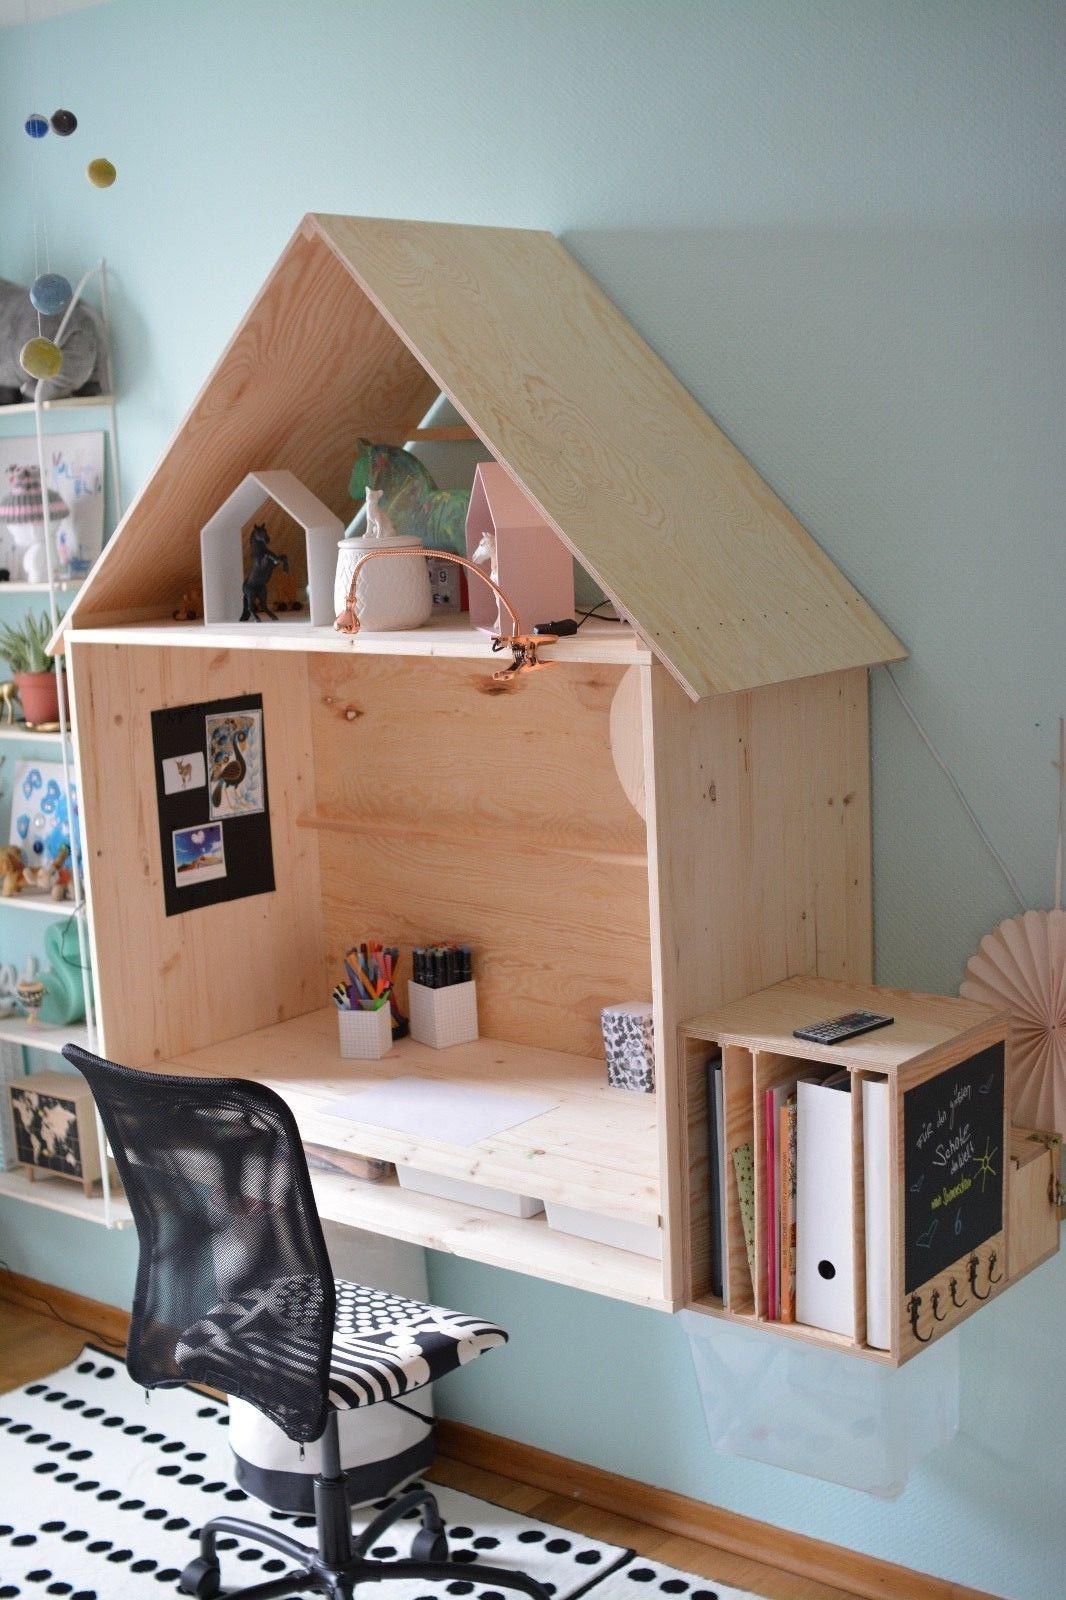 schreibtisch haus kinder holz dach einzigartig tisch platte h ngend licht led ebay. Black Bedroom Furniture Sets. Home Design Ideas